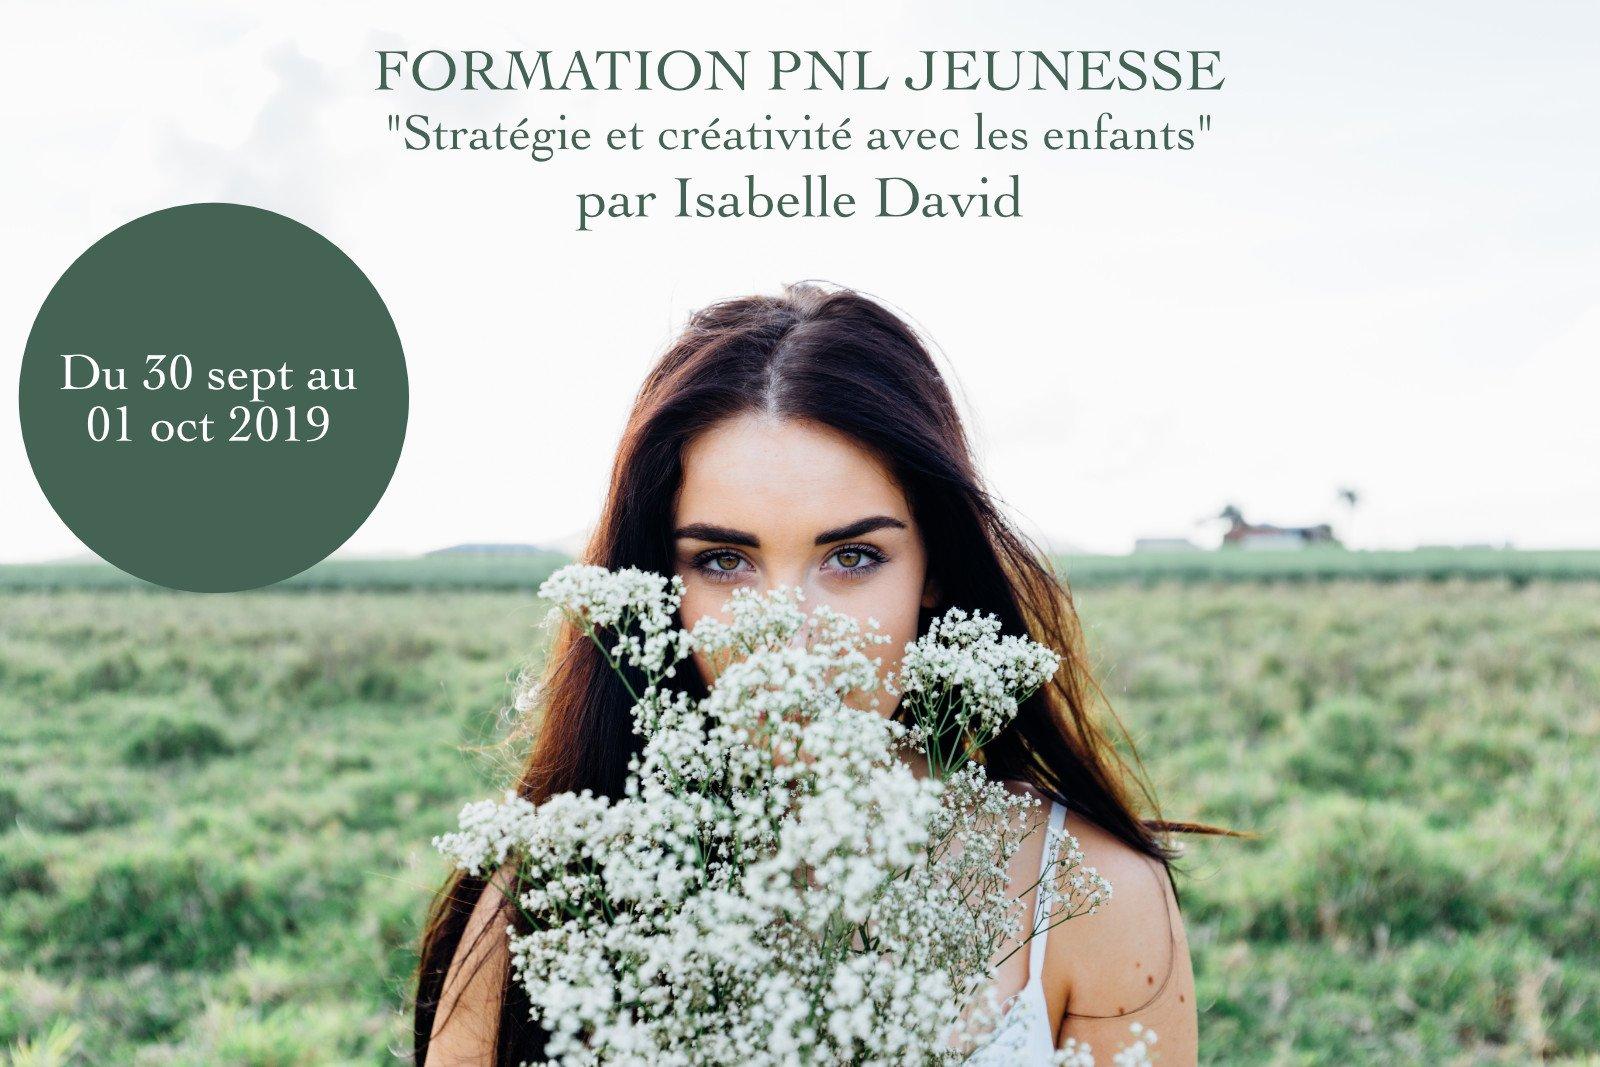 formation_pn_jeunesse - stratégie_et_communication - isabelle david - sept 2019 - Être Soi